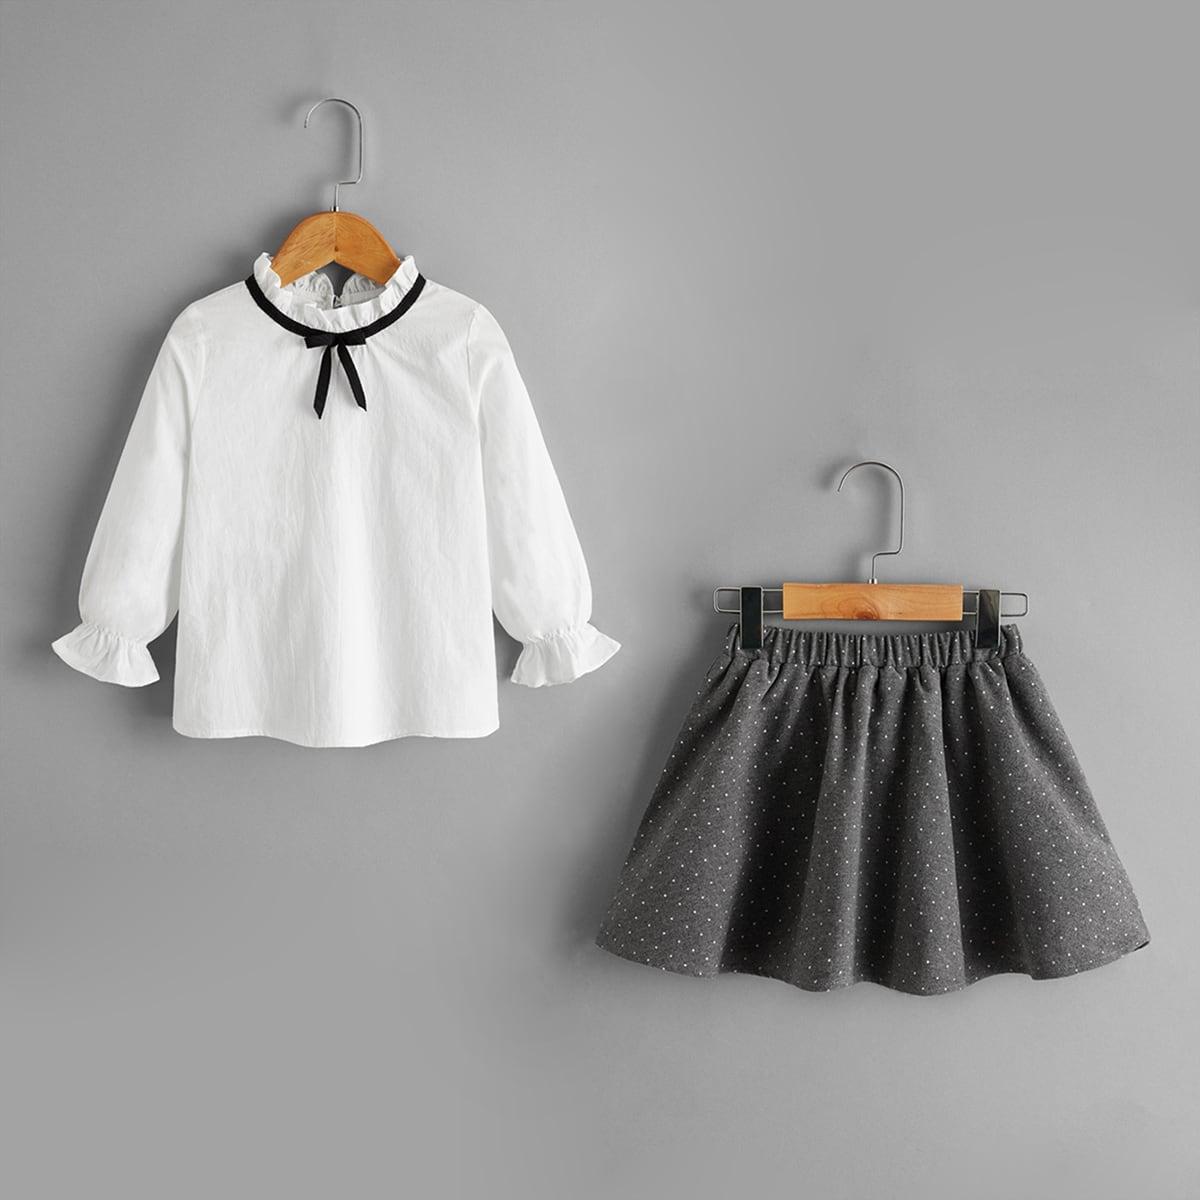 SHEIN / Bluse mit Rüsche am Kragen und Schleife & Rock mit Punkten Muster